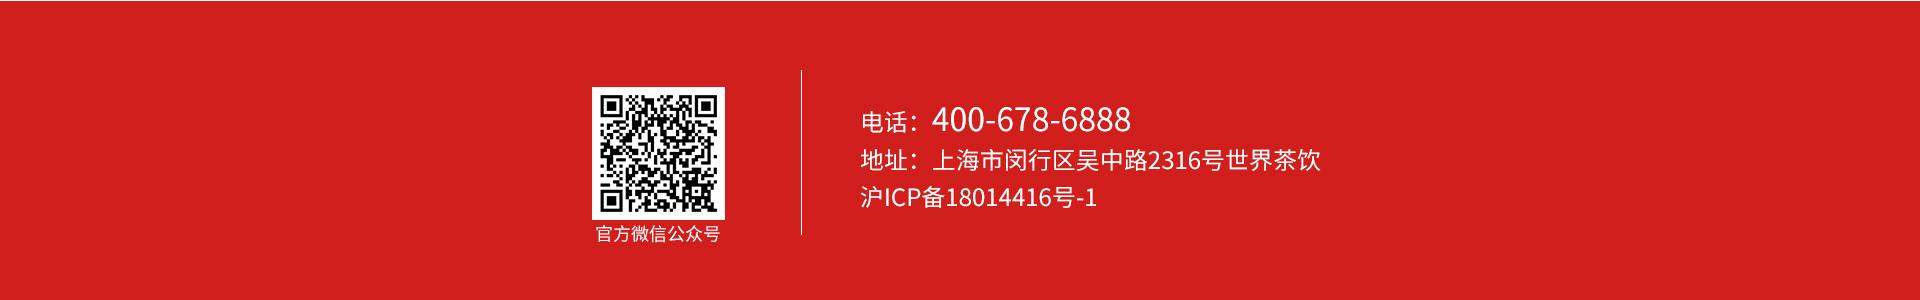 官网-PC端_10